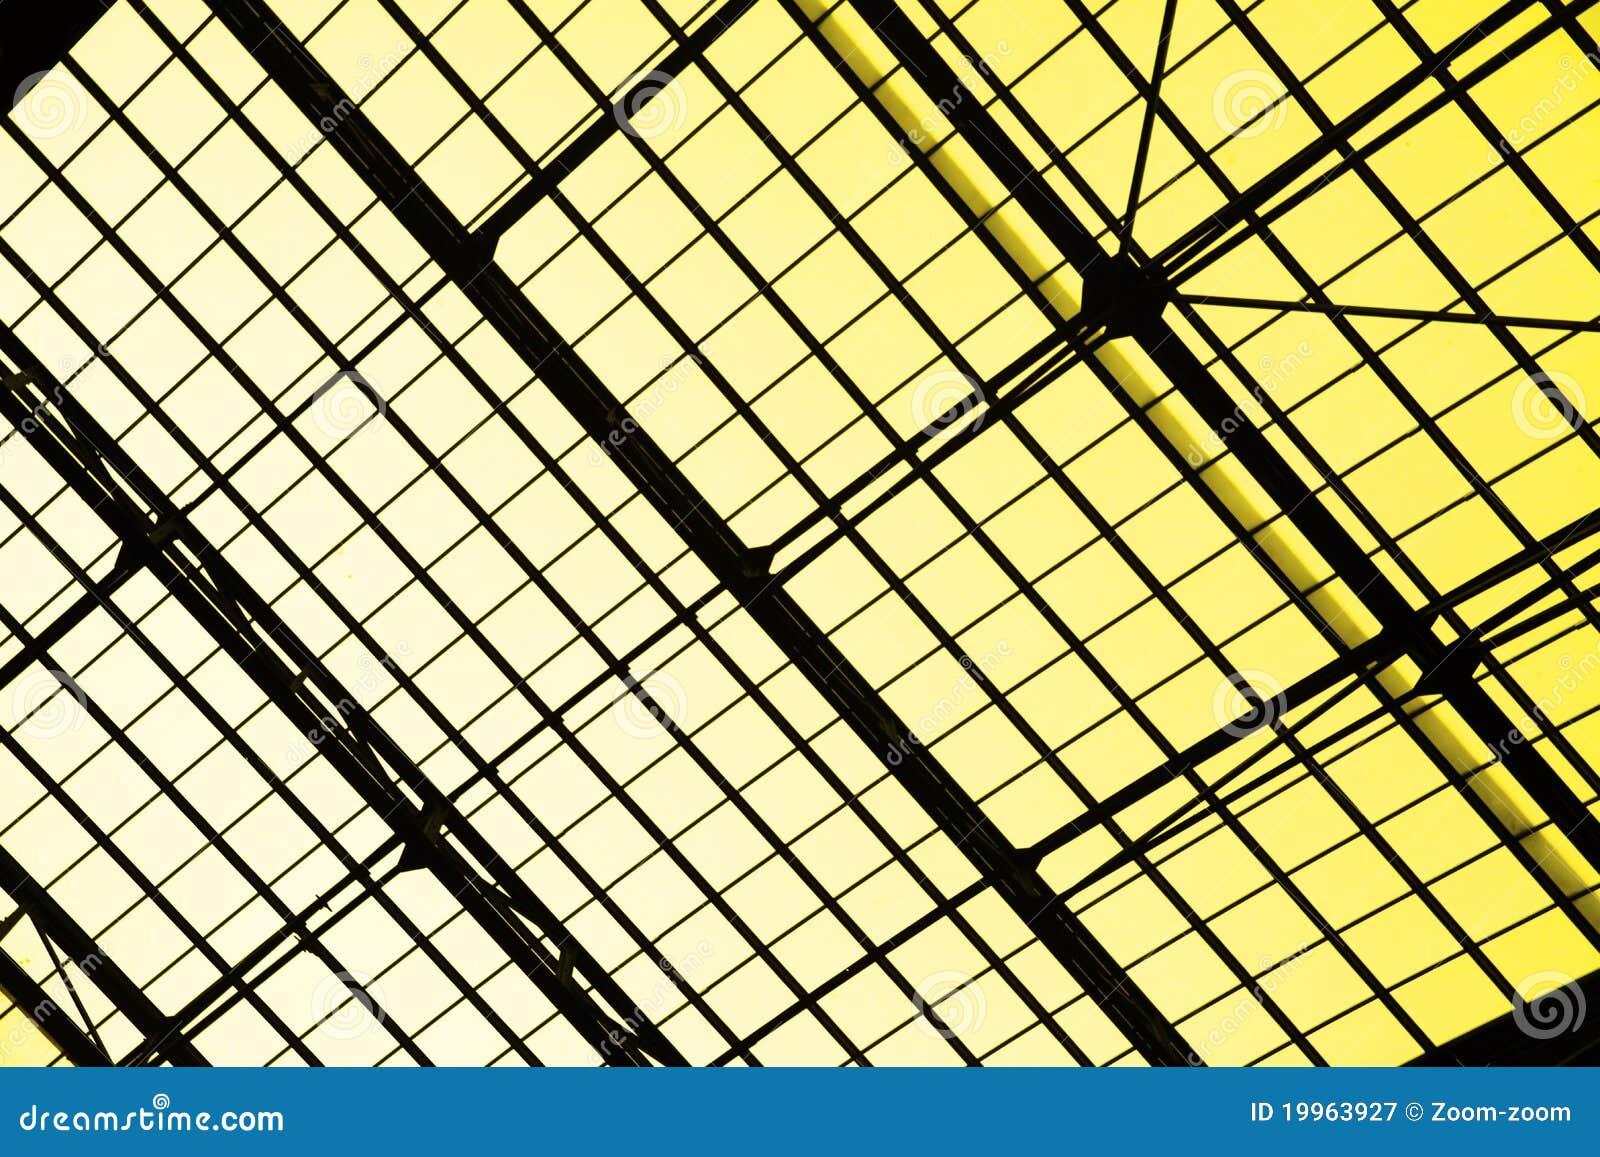 Finestra del lucernario fotografia stock libera da diritti for Finestra lucernario